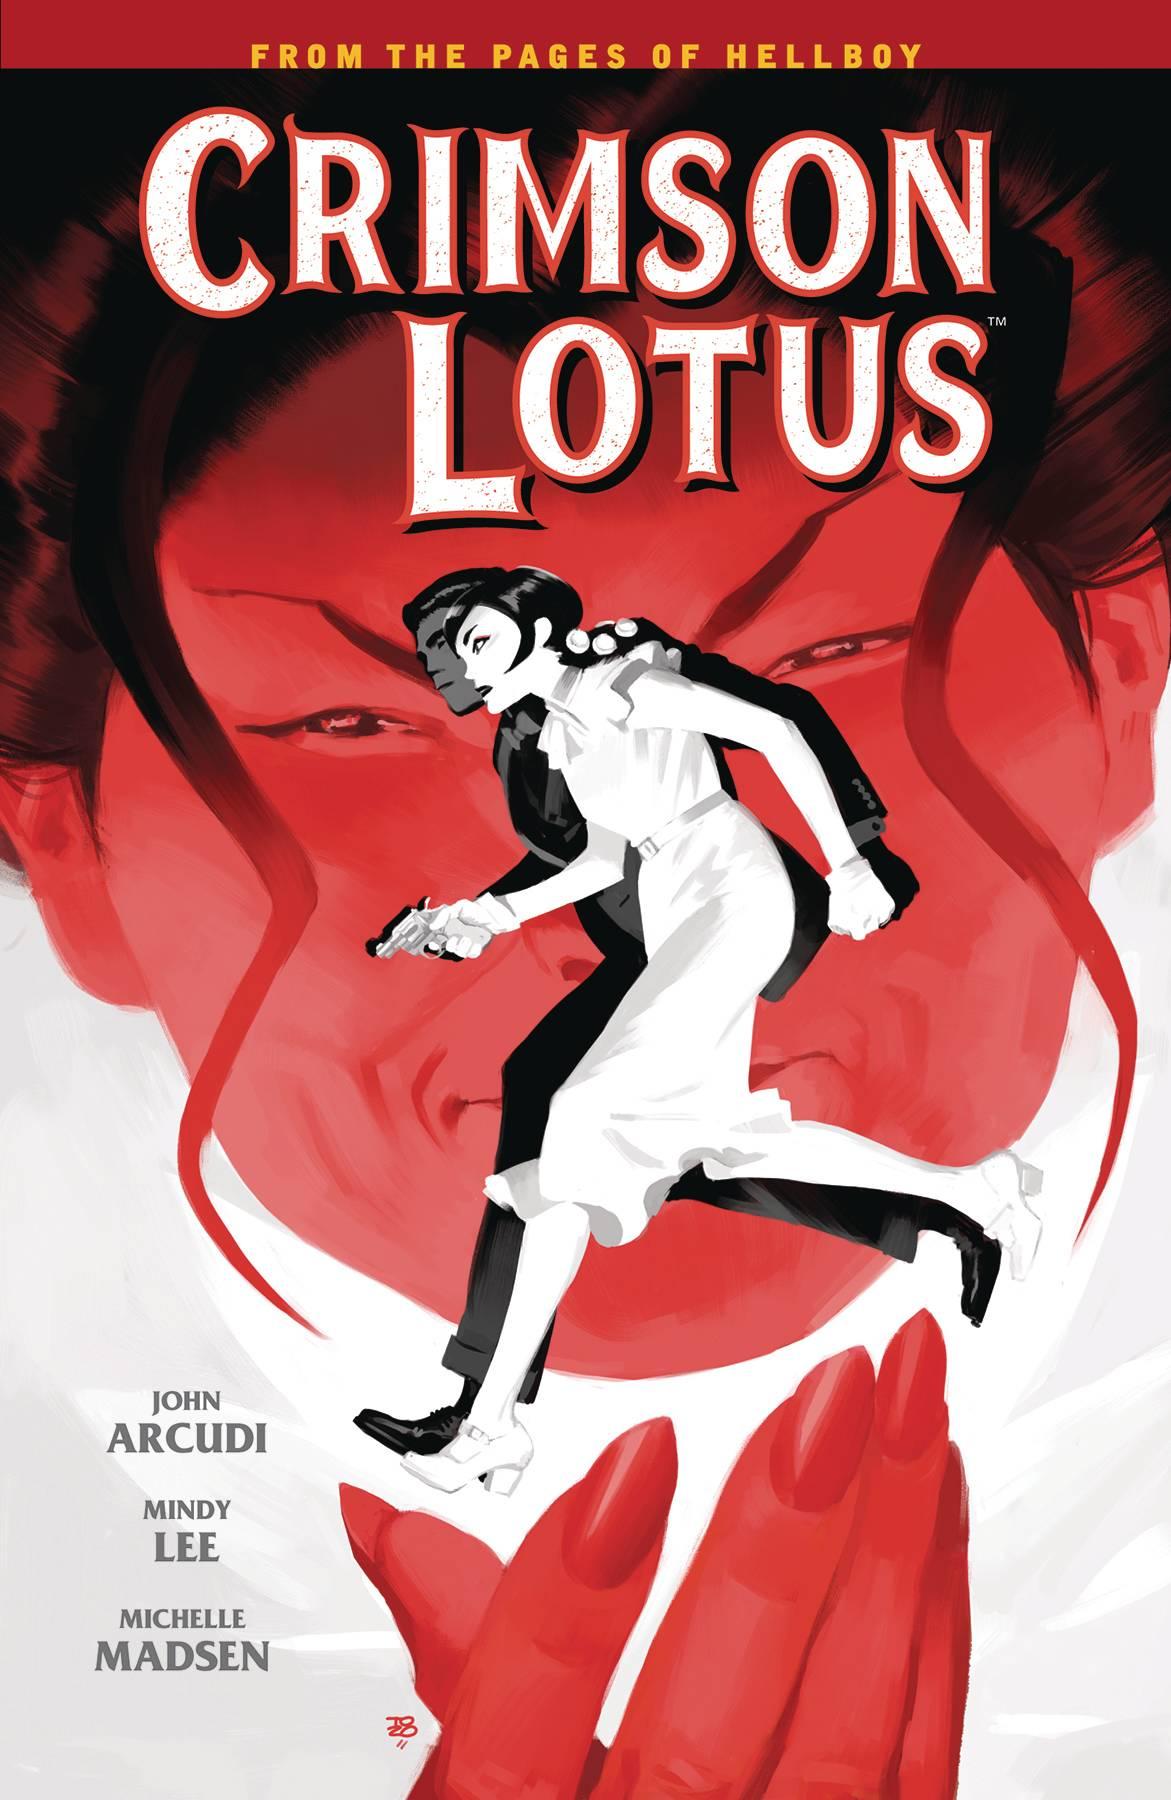 Crimson lotus TP